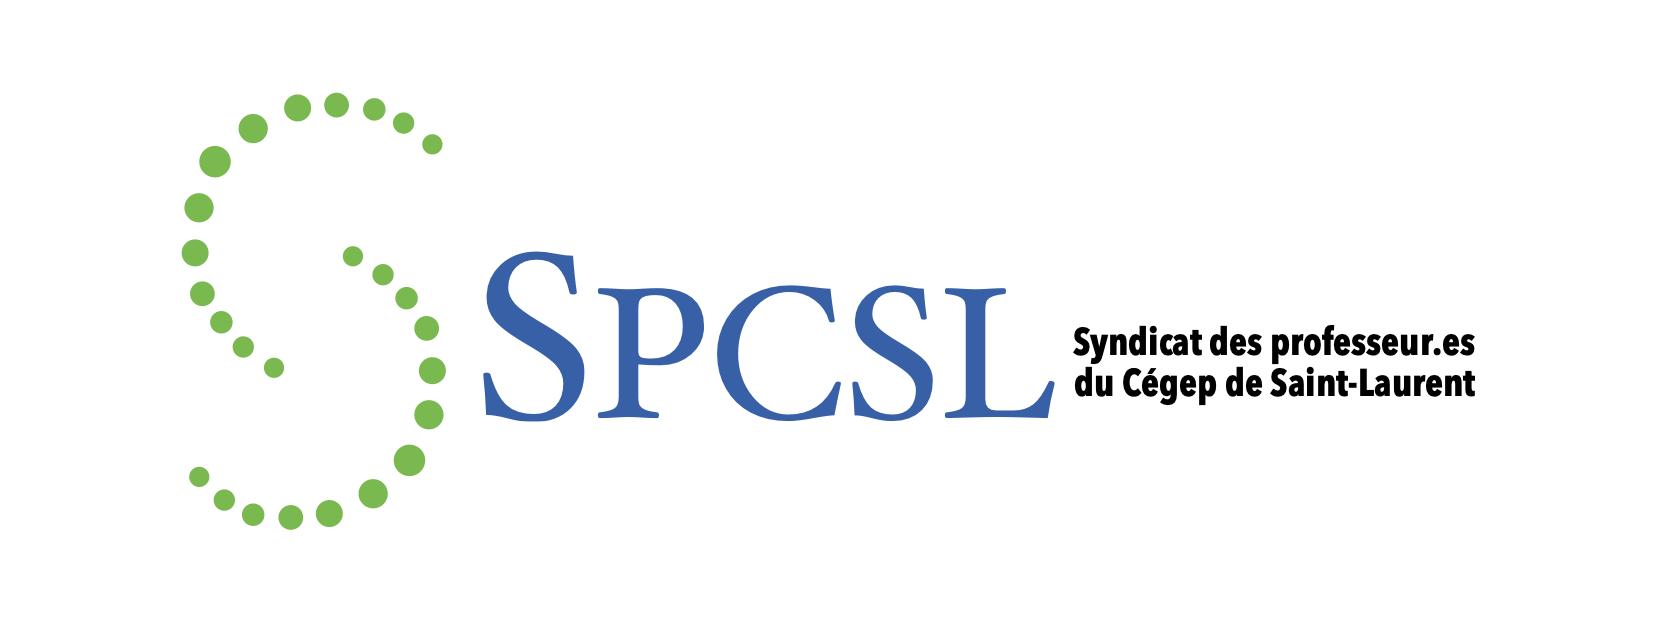 Syndicat des professeur.es du cégep de Saint-Laurent